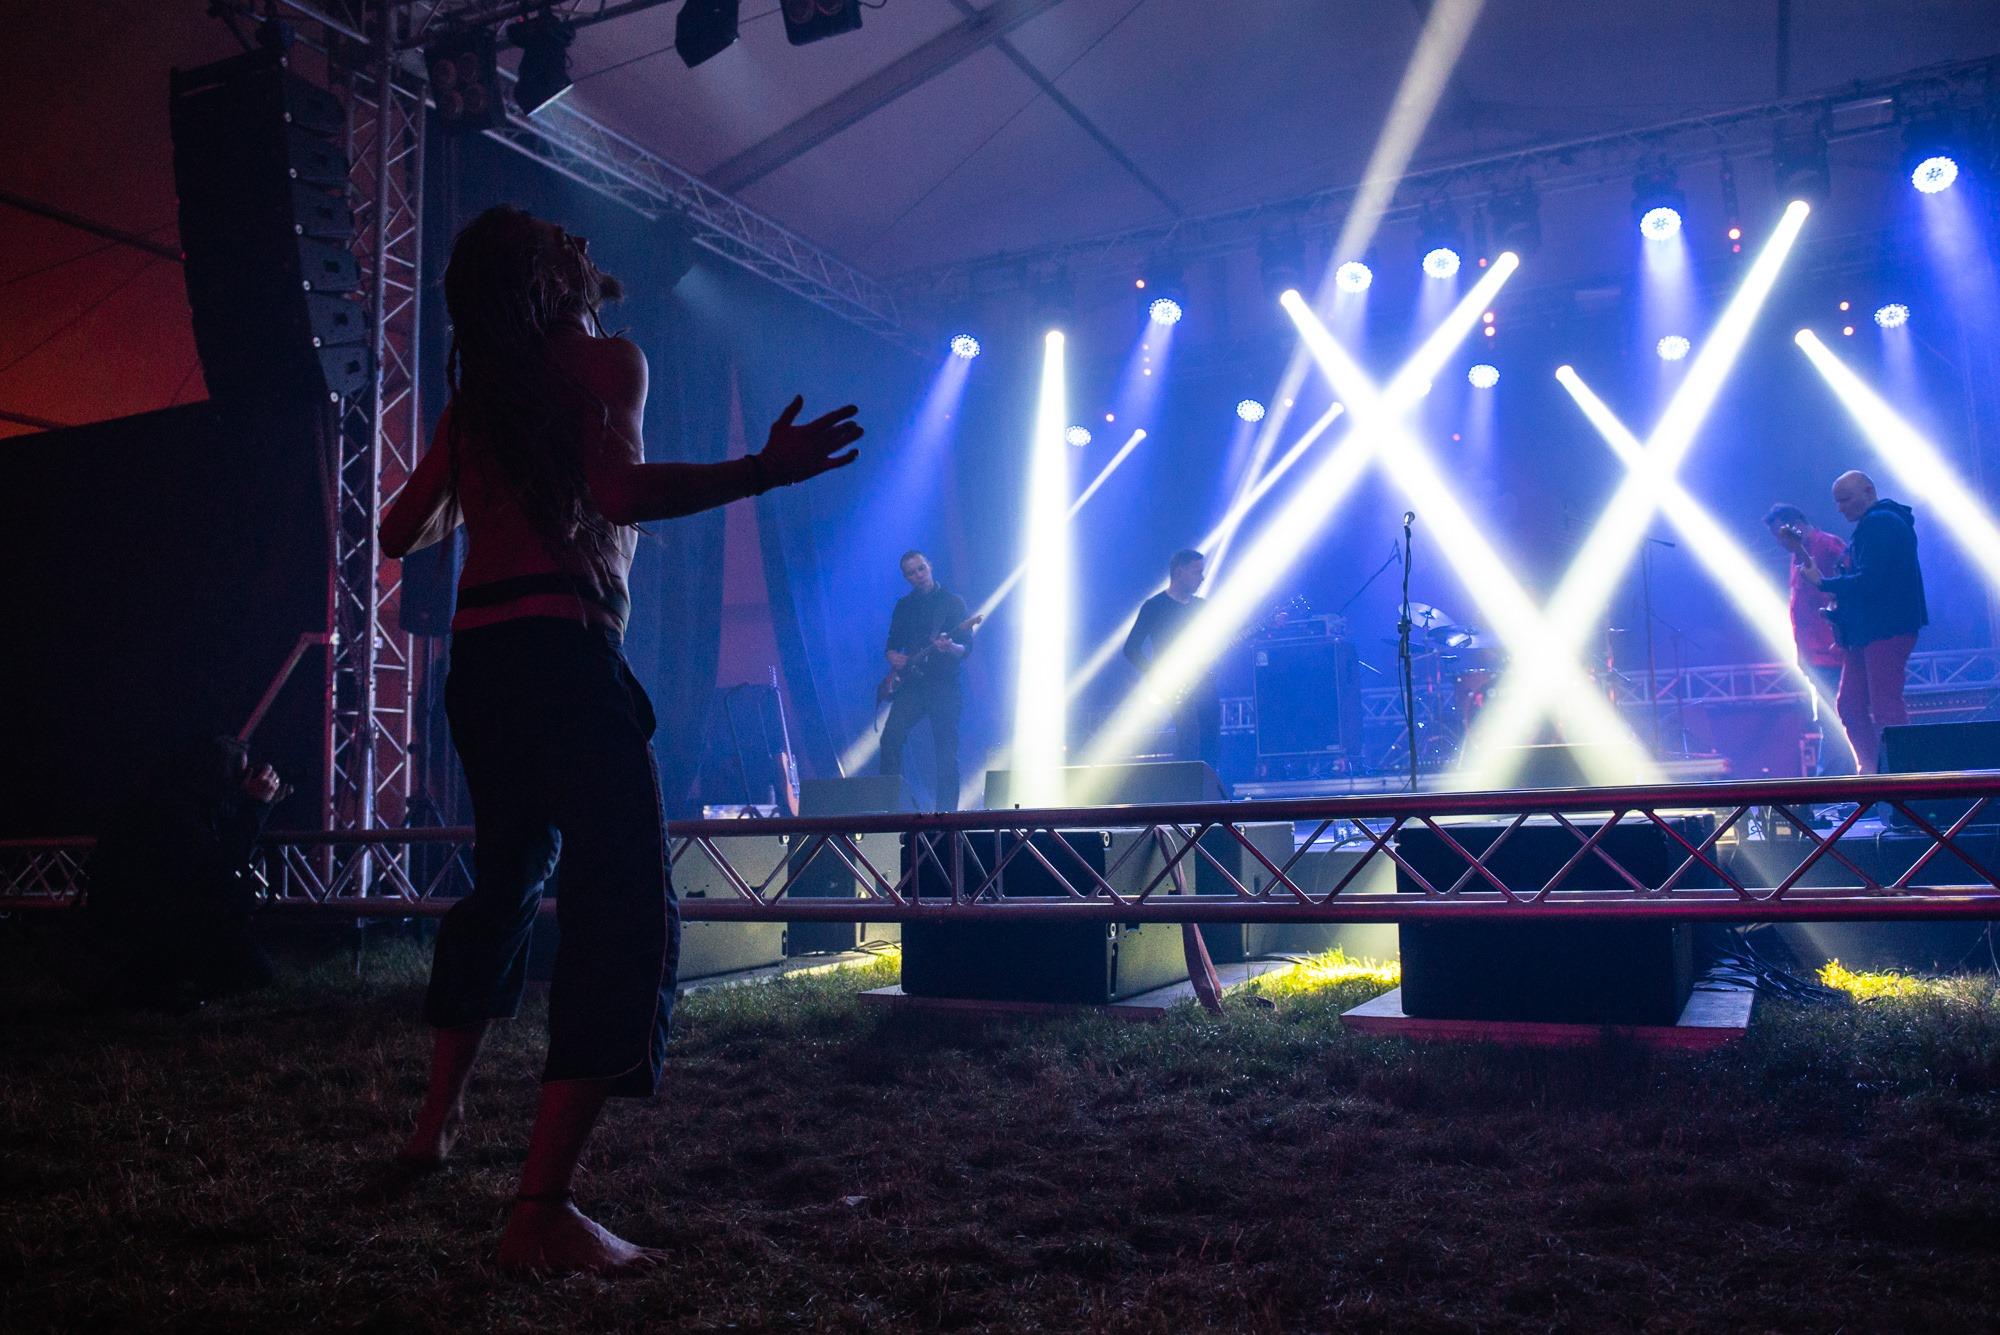 [Zdjęcie z koncertu zespołu Bielizna. Na trawie, przed sceną tańczy mężczyzna. Jego głowa jest uniesiona do góry, ręce ma zgięte w łokciach i uniesione do góry. Tańczy na boso. W tle widać scenę i zespół muzyków - trzech mężczyzn grających na gitarach oraz mężczyznę stojącego za nimi. Oświetlenie jest niebieskie.]